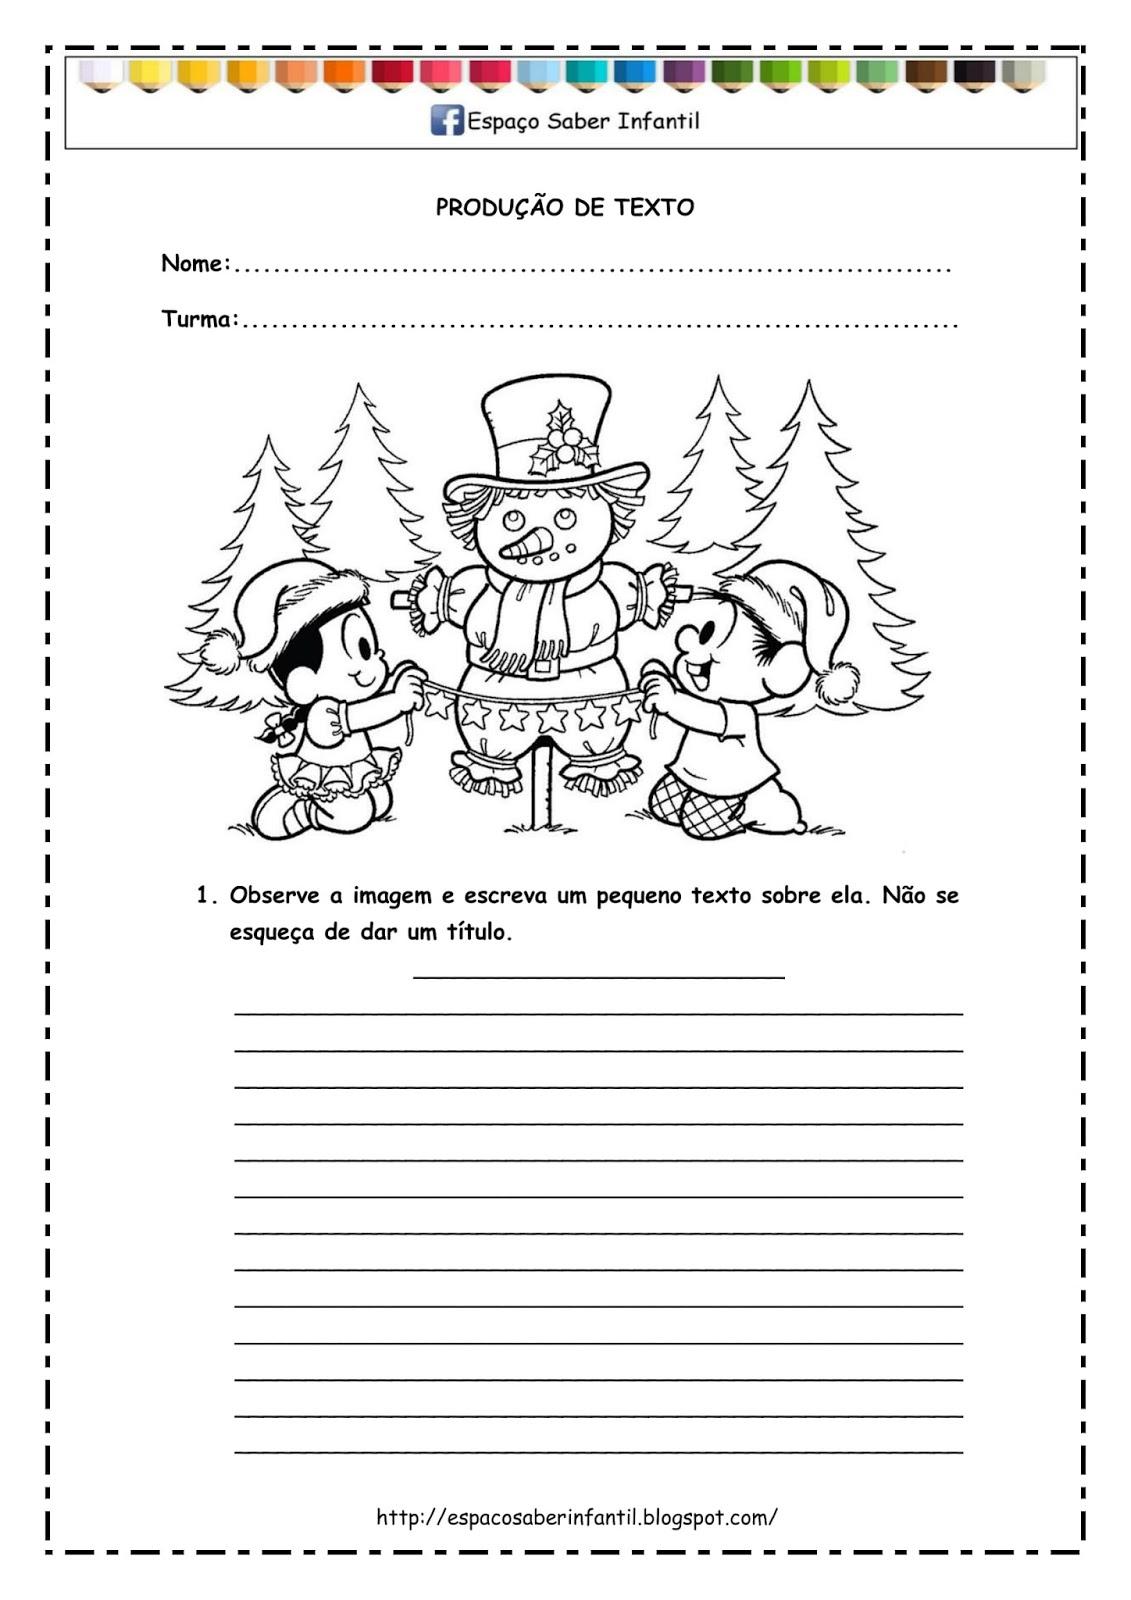 Populares Espaço Saber Infantil: Produção de texto - Carta para Papai Noel PI48